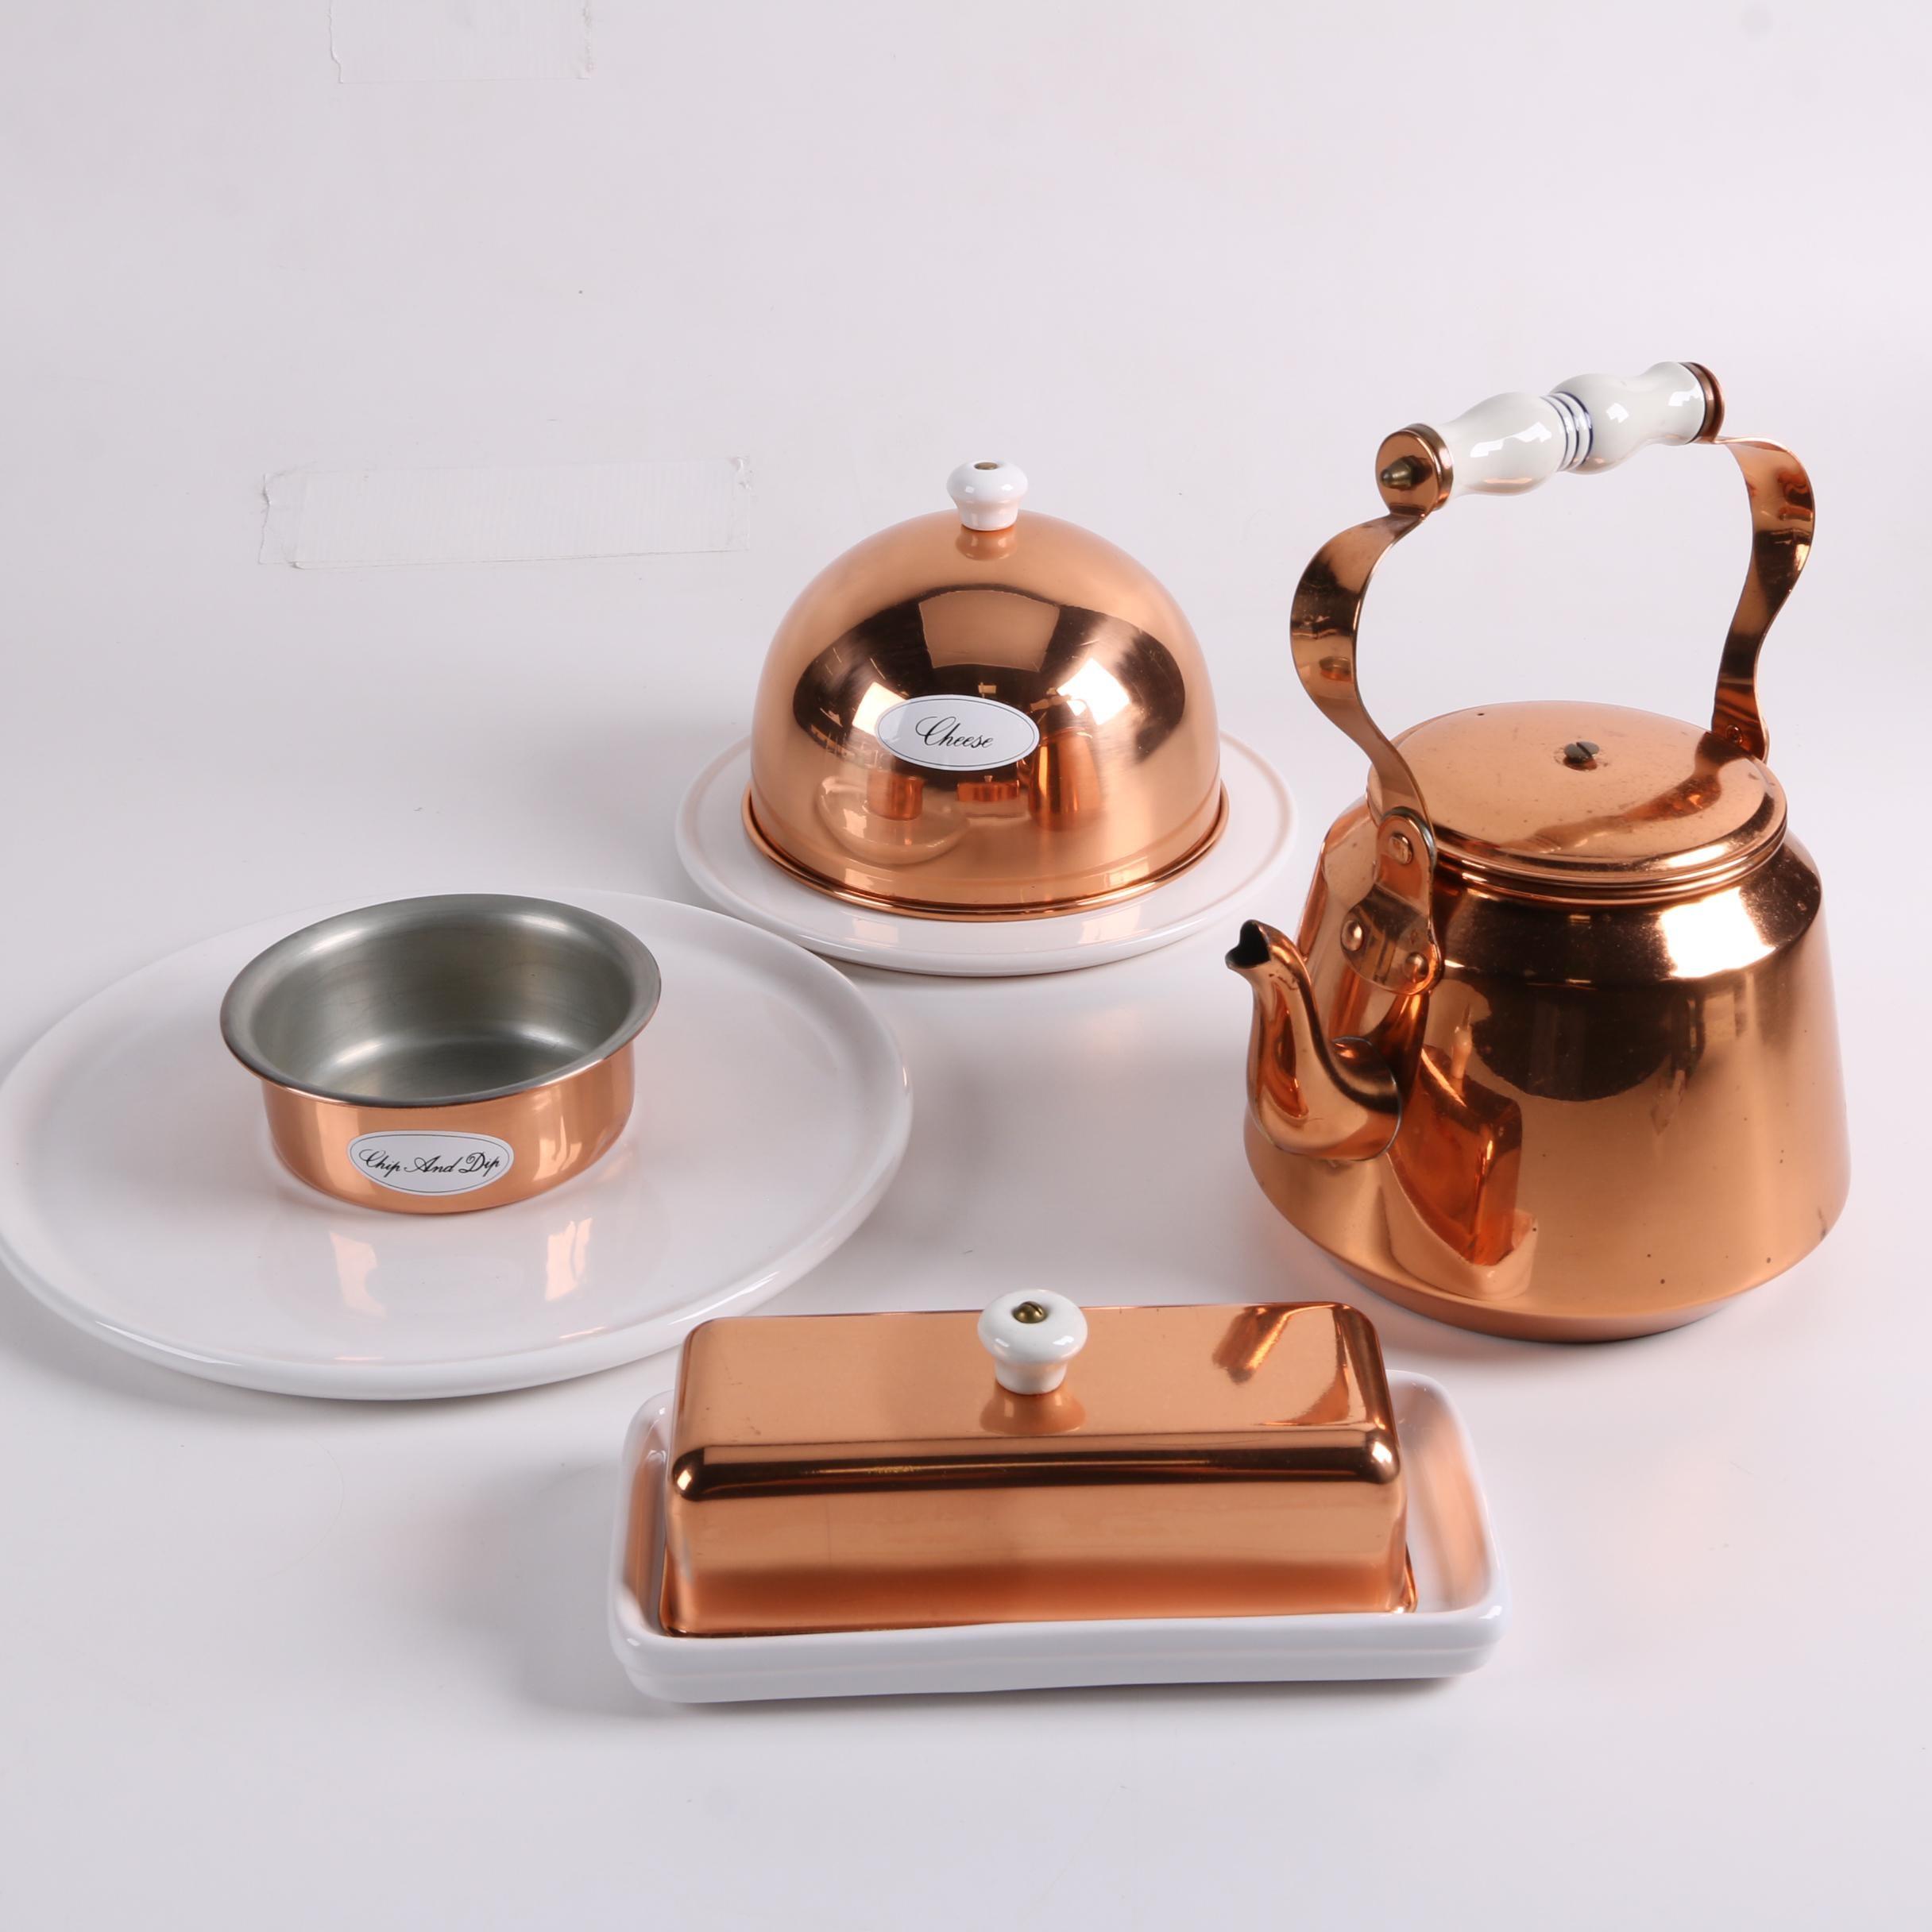 Portuguese Copper and Stoneware Serveware Featuring Metalutil